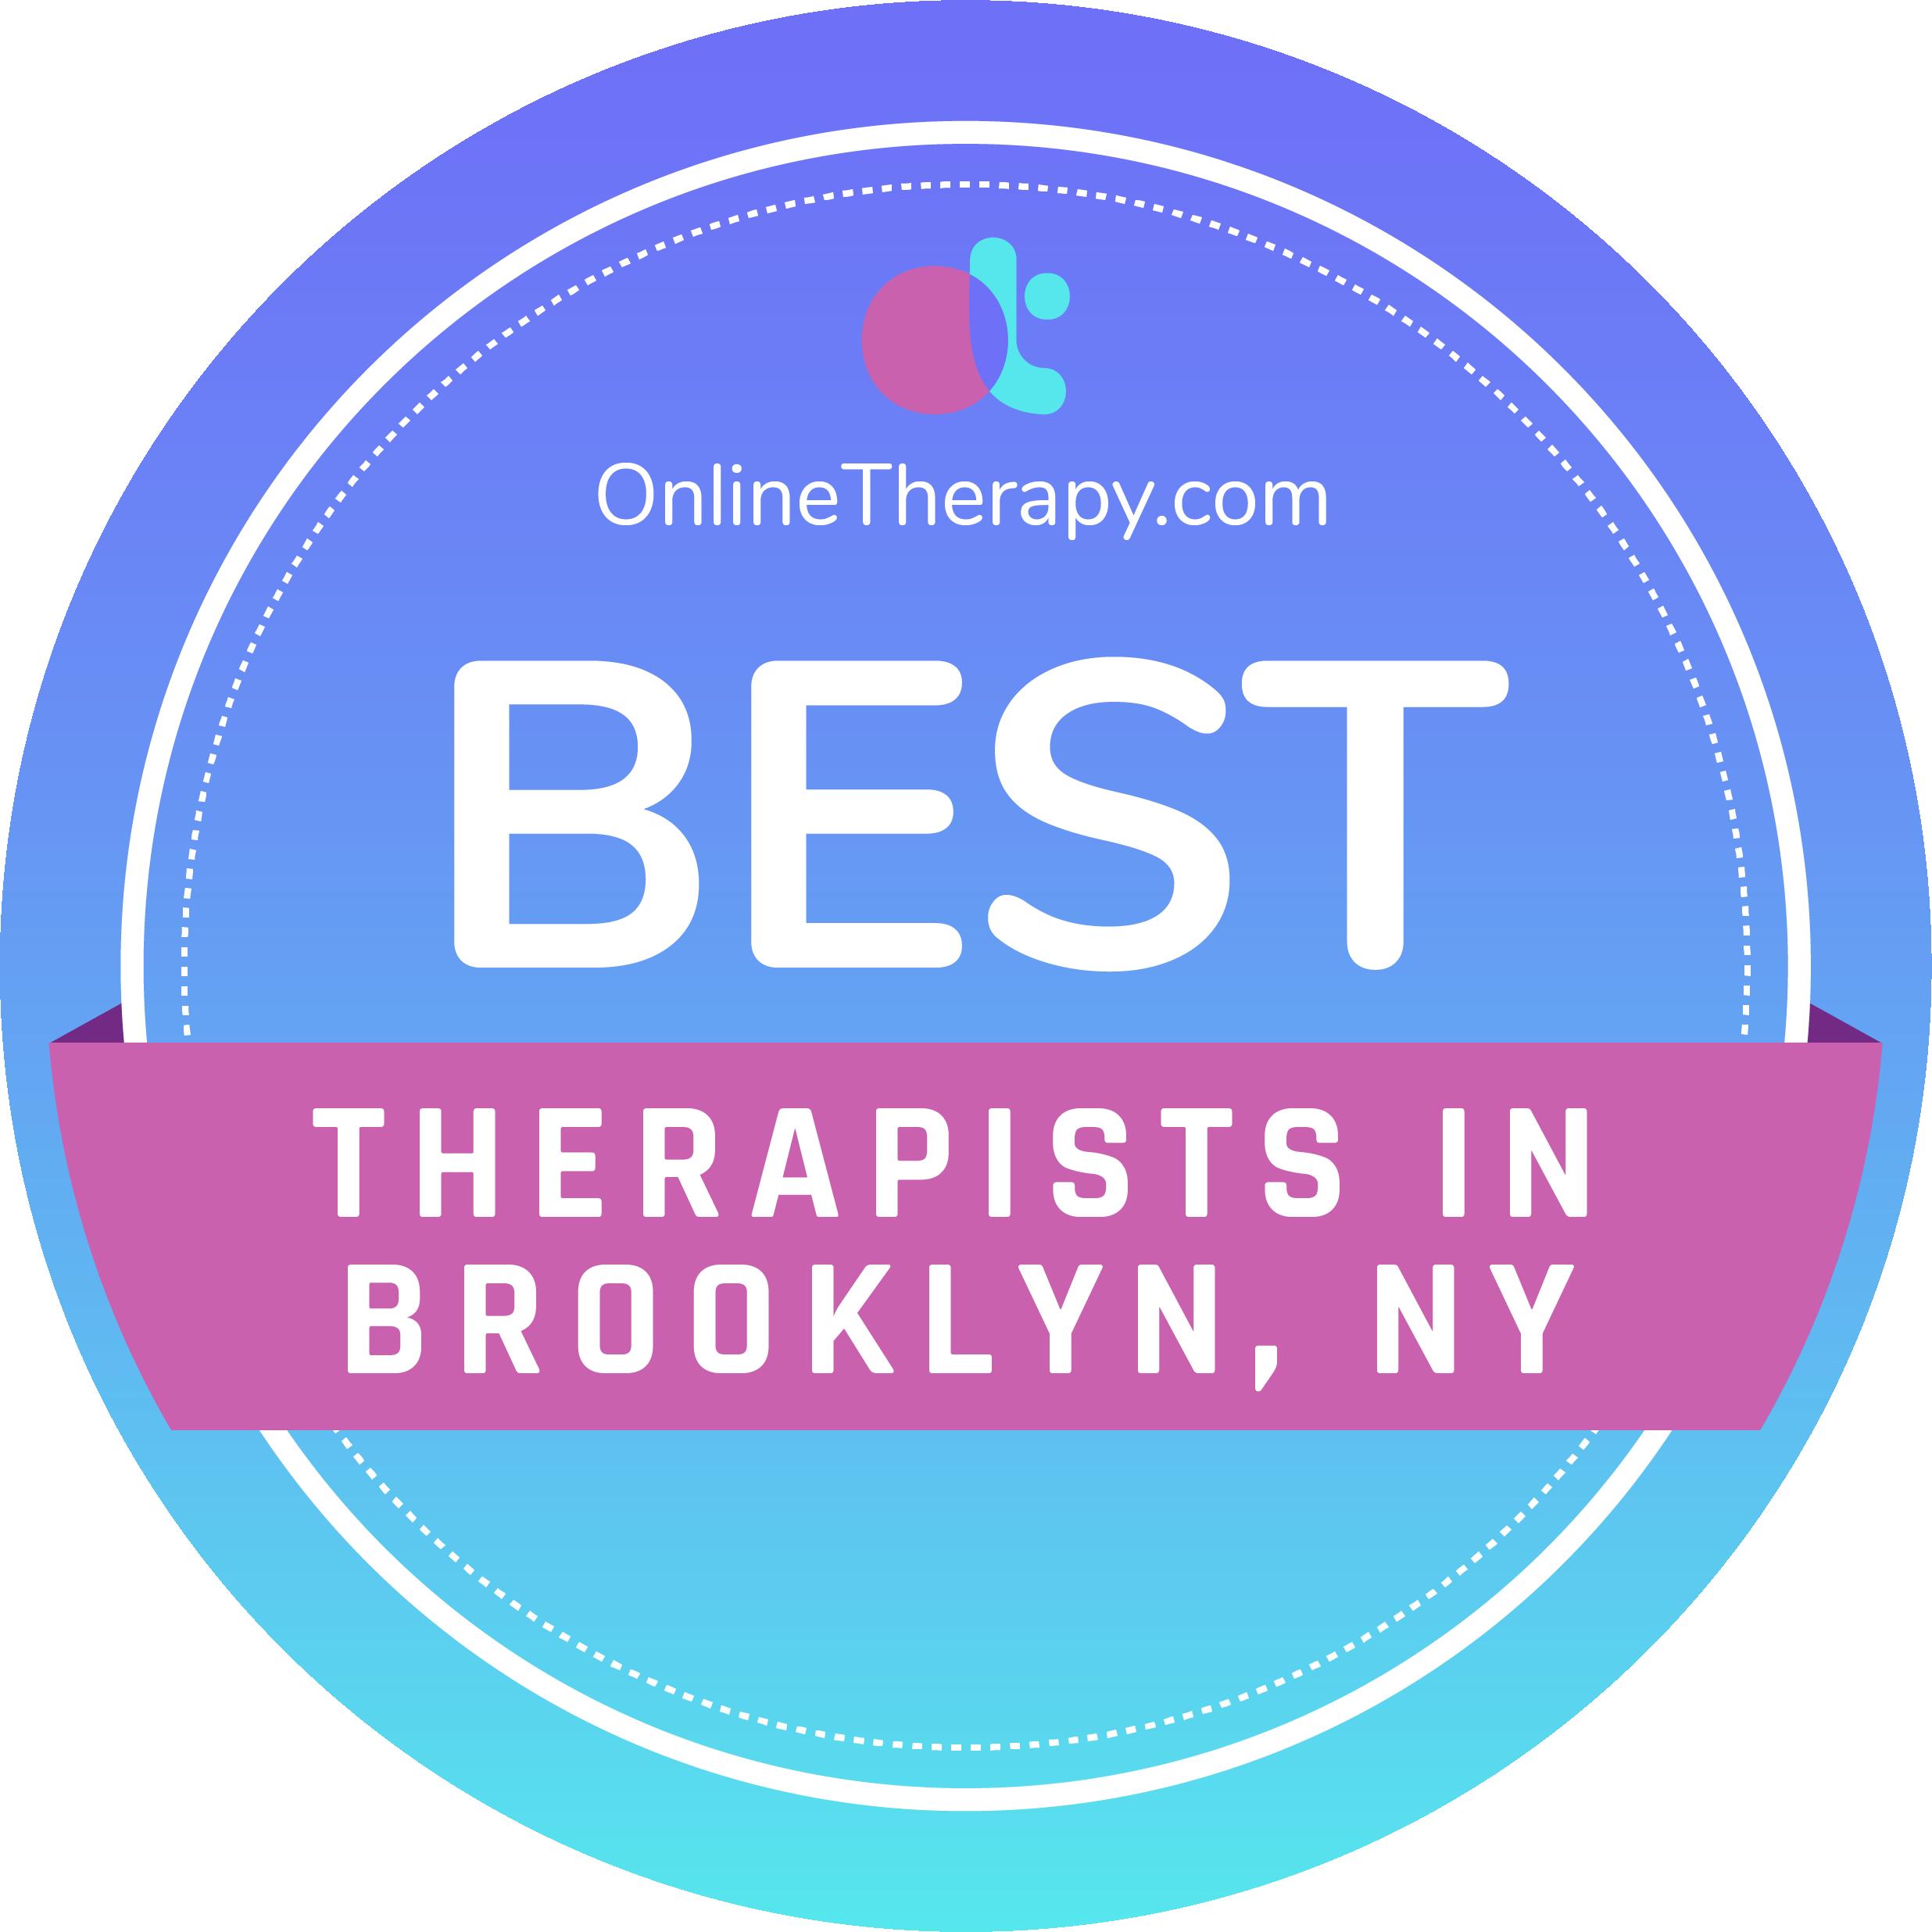 brooklyn therapists